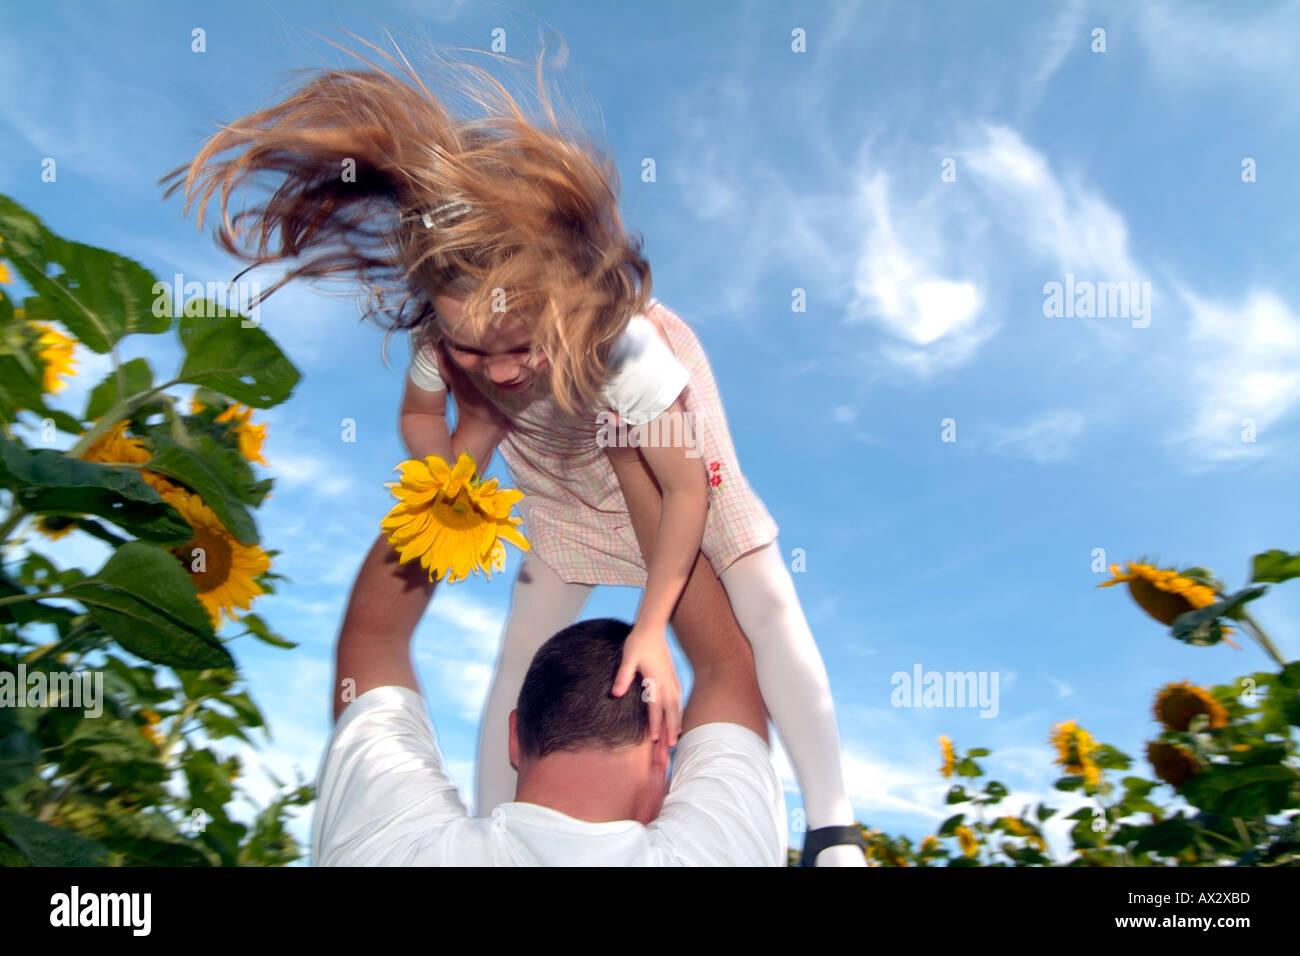 7years alte glückliches Kind mit Blumen Mädchen Sommer Sonnenblume Glück Stockbild